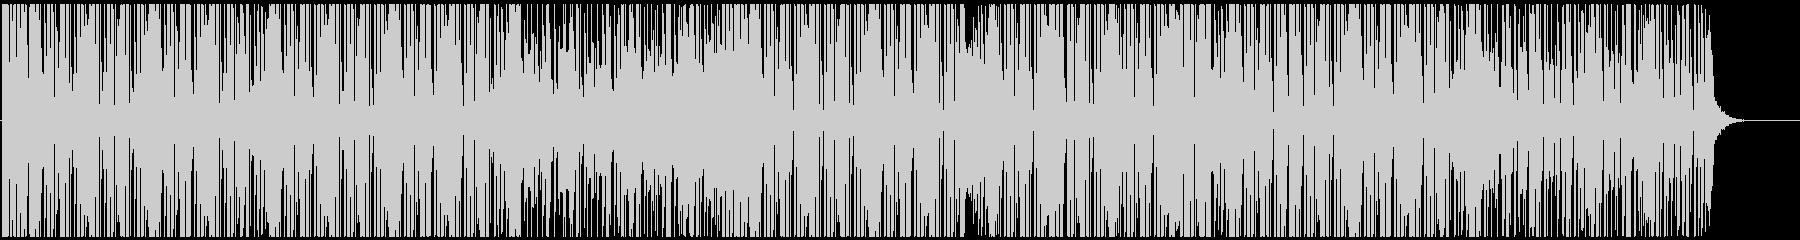 カットアップした音が近未来的なテクノの未再生の波形